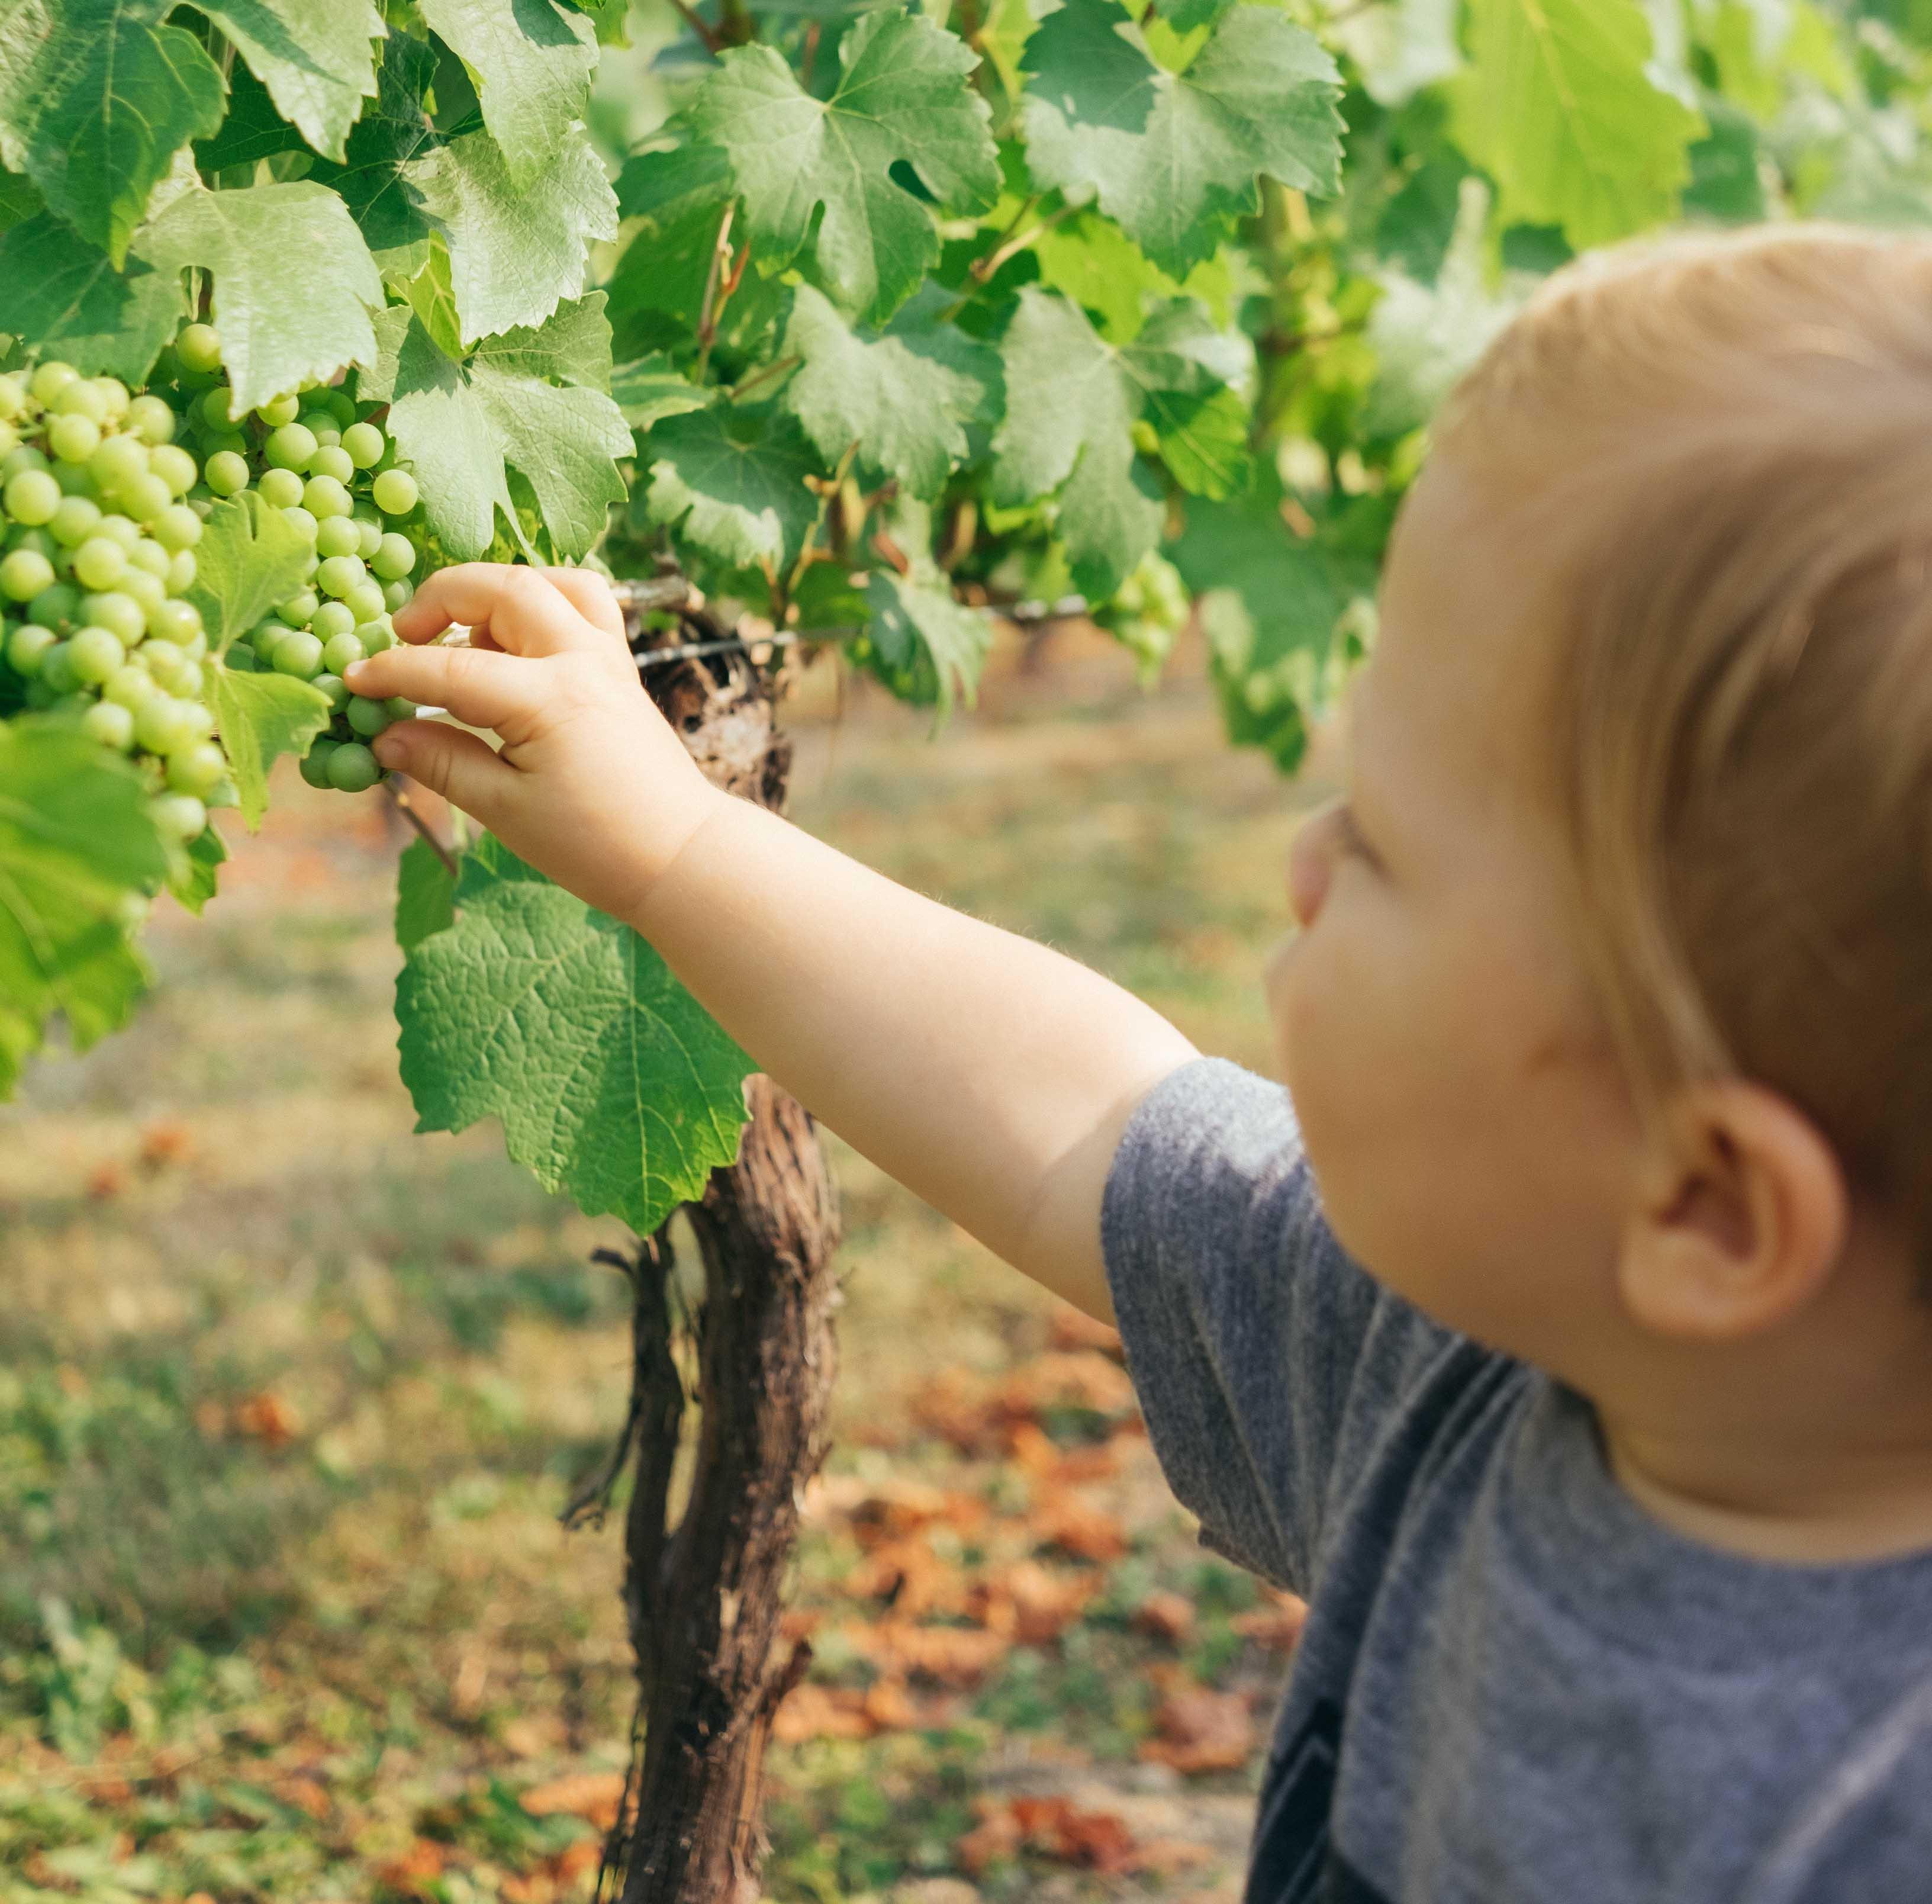 چرا باید محصولات ارگانیک مصرف کنیم ؟ +خرید محصولات ارگانیکک